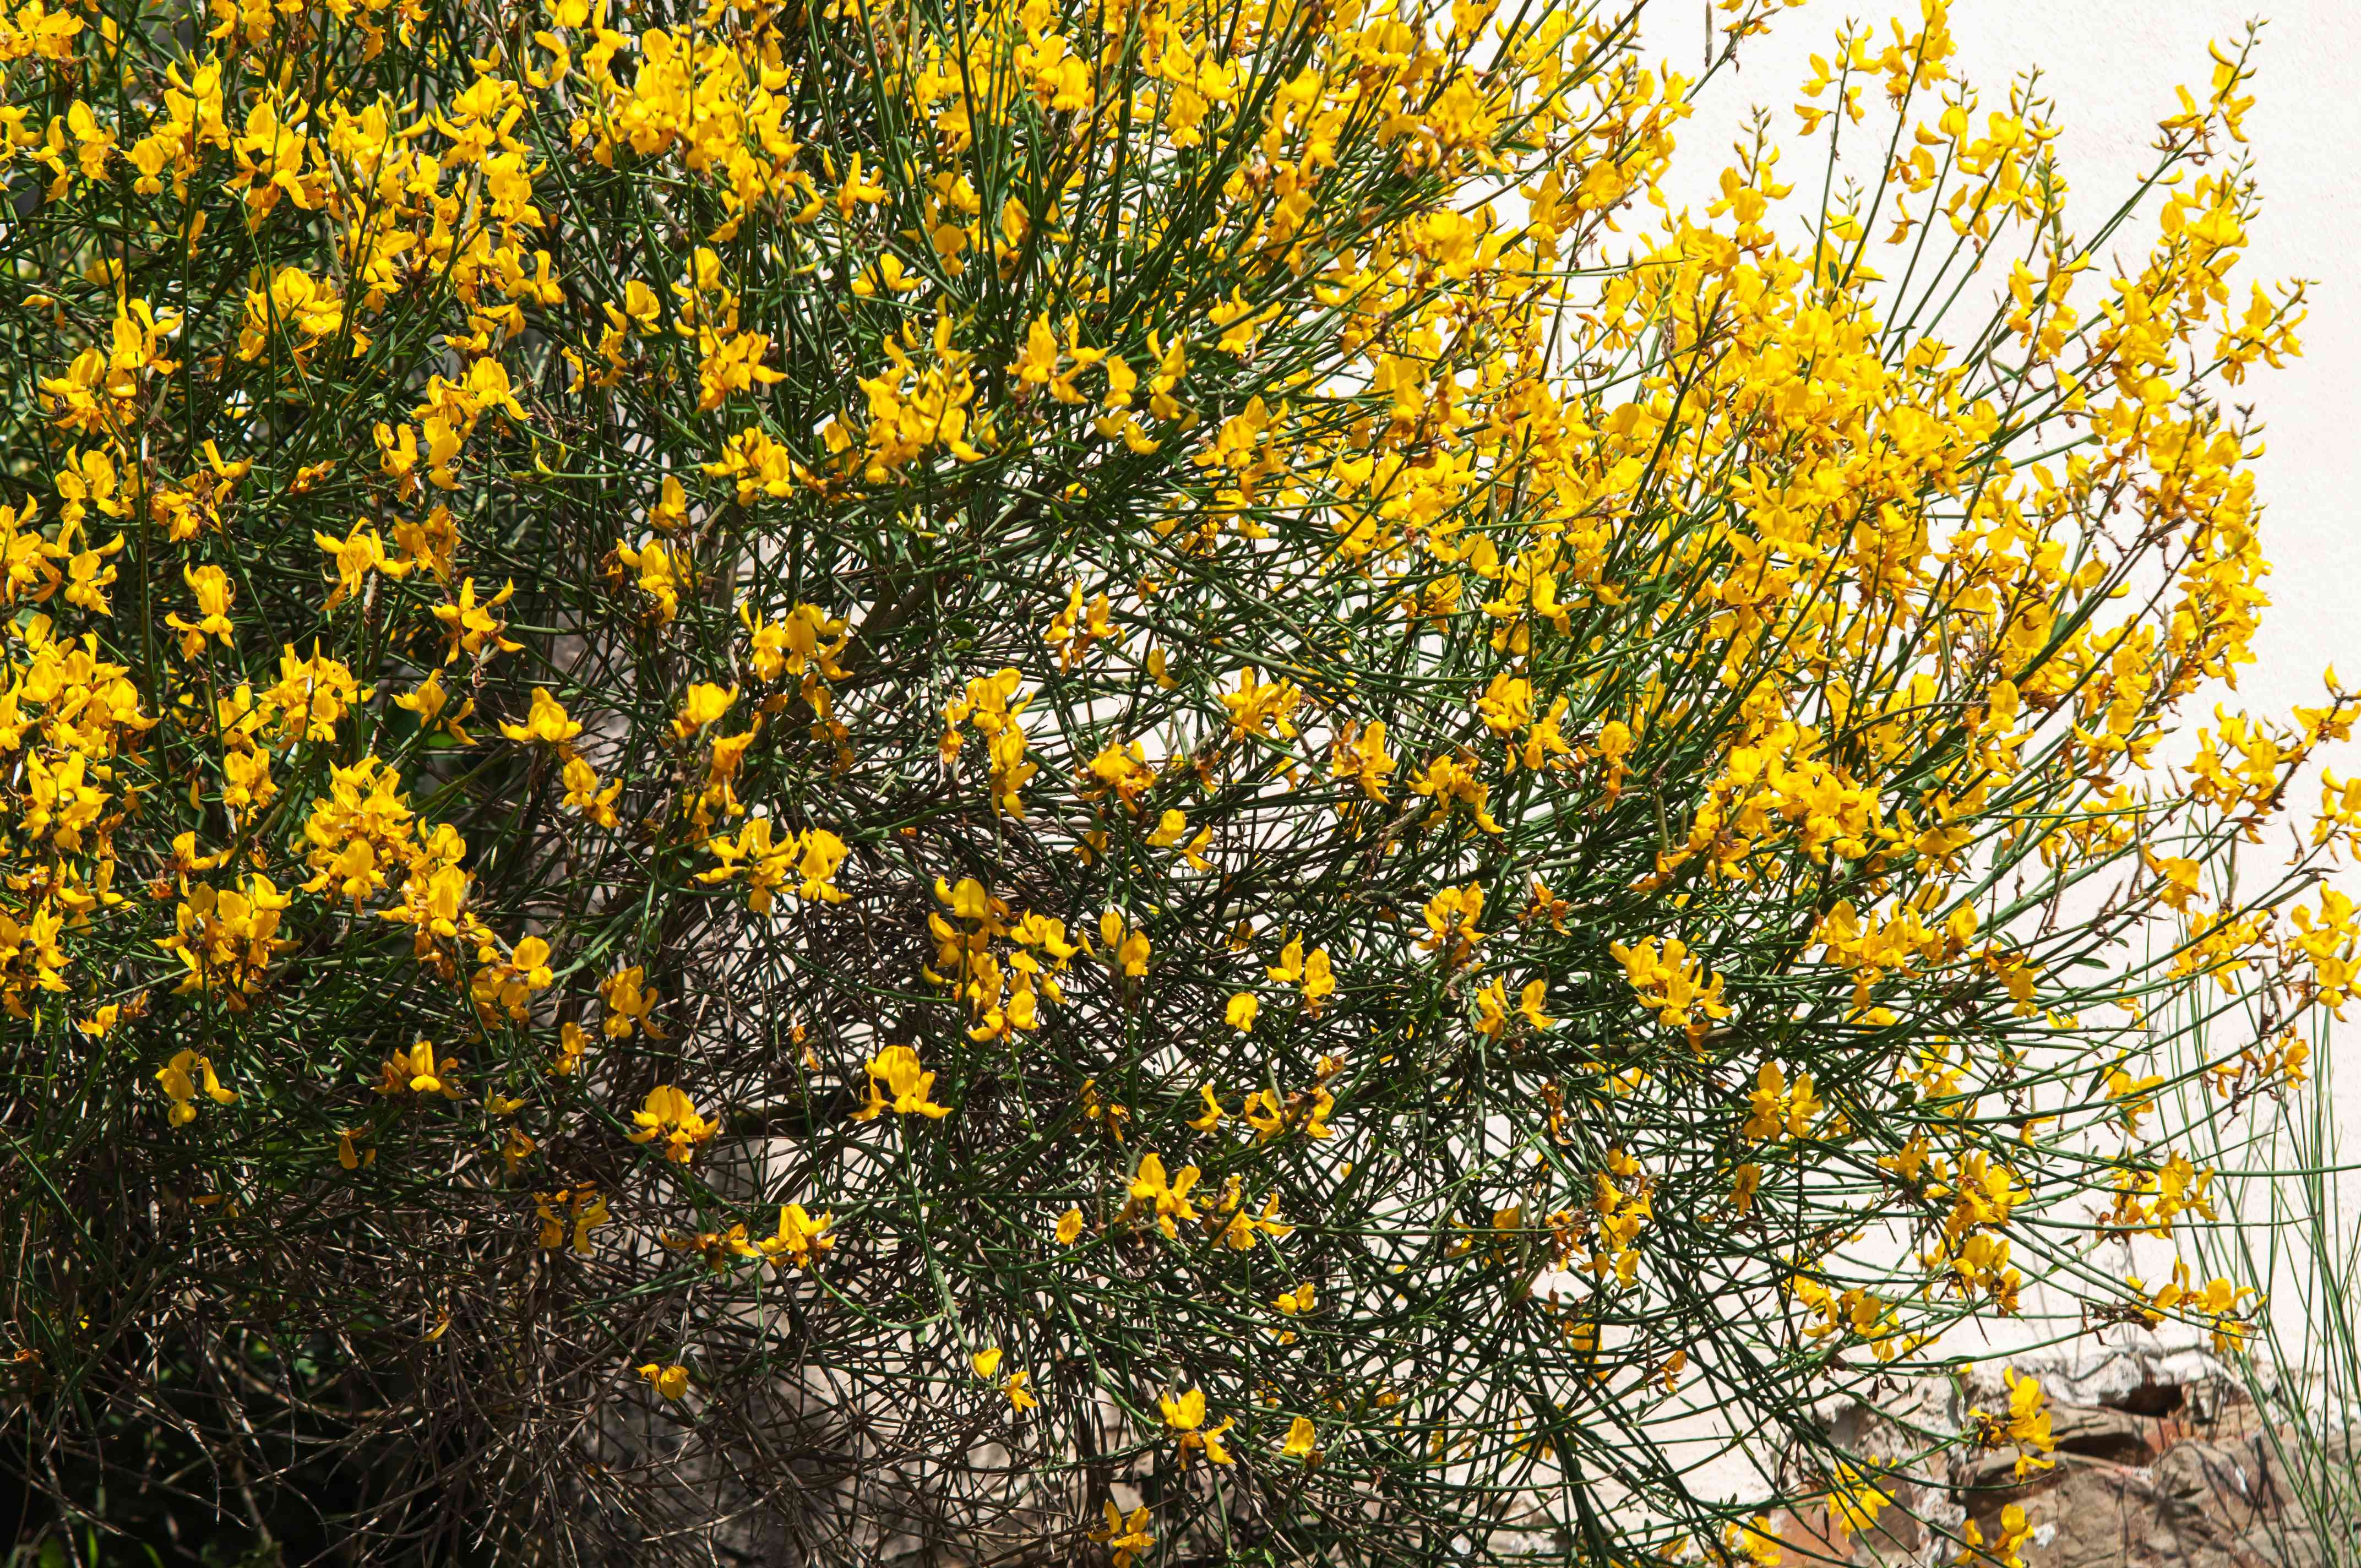 broom plant shrub